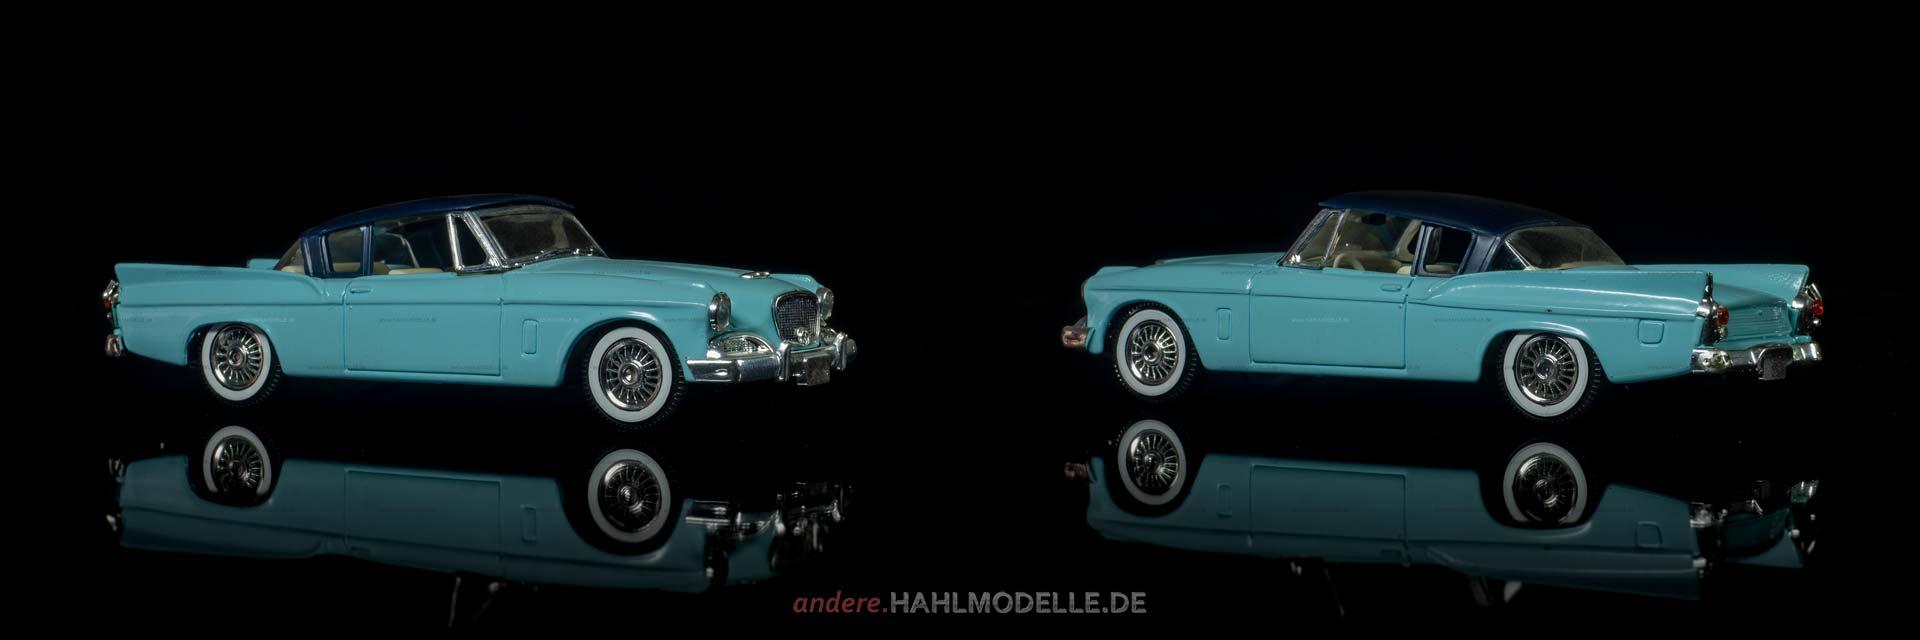 Studebaker Silver Hawk | Coupé | Solido | 1:43 | www.andere.hahlmodelle.de